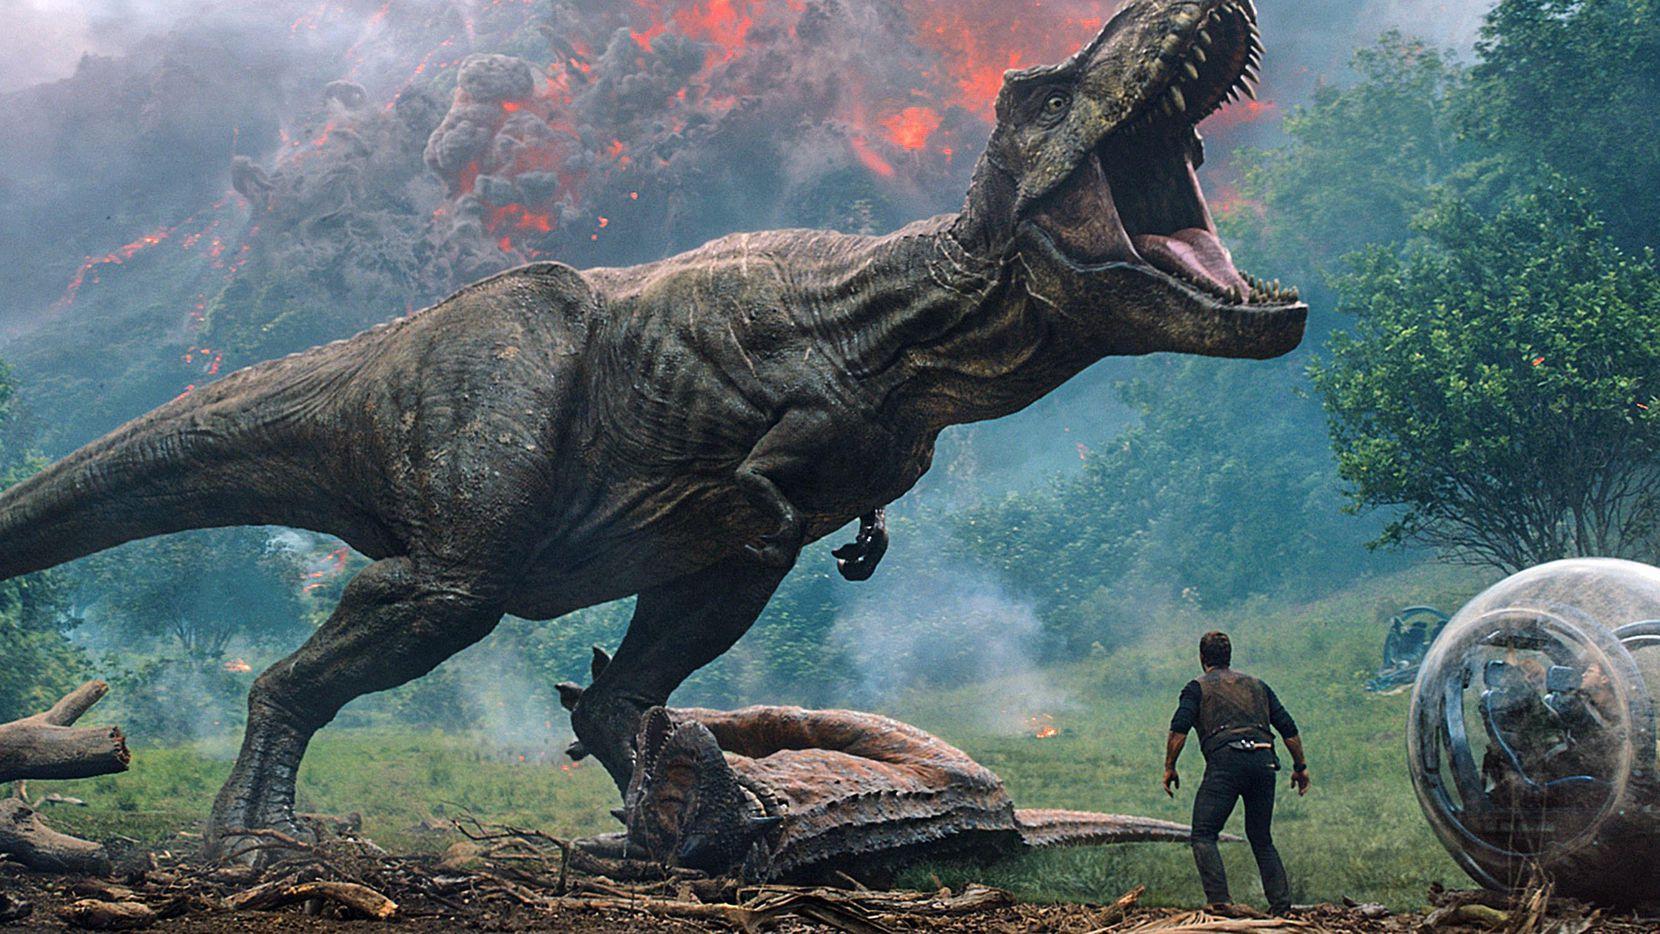 """Imagen de la nueva cinta """"Jurassic World: Fallen Kingdom"""", que debuta este fin de semana en Estados Unidos.(AP)"""